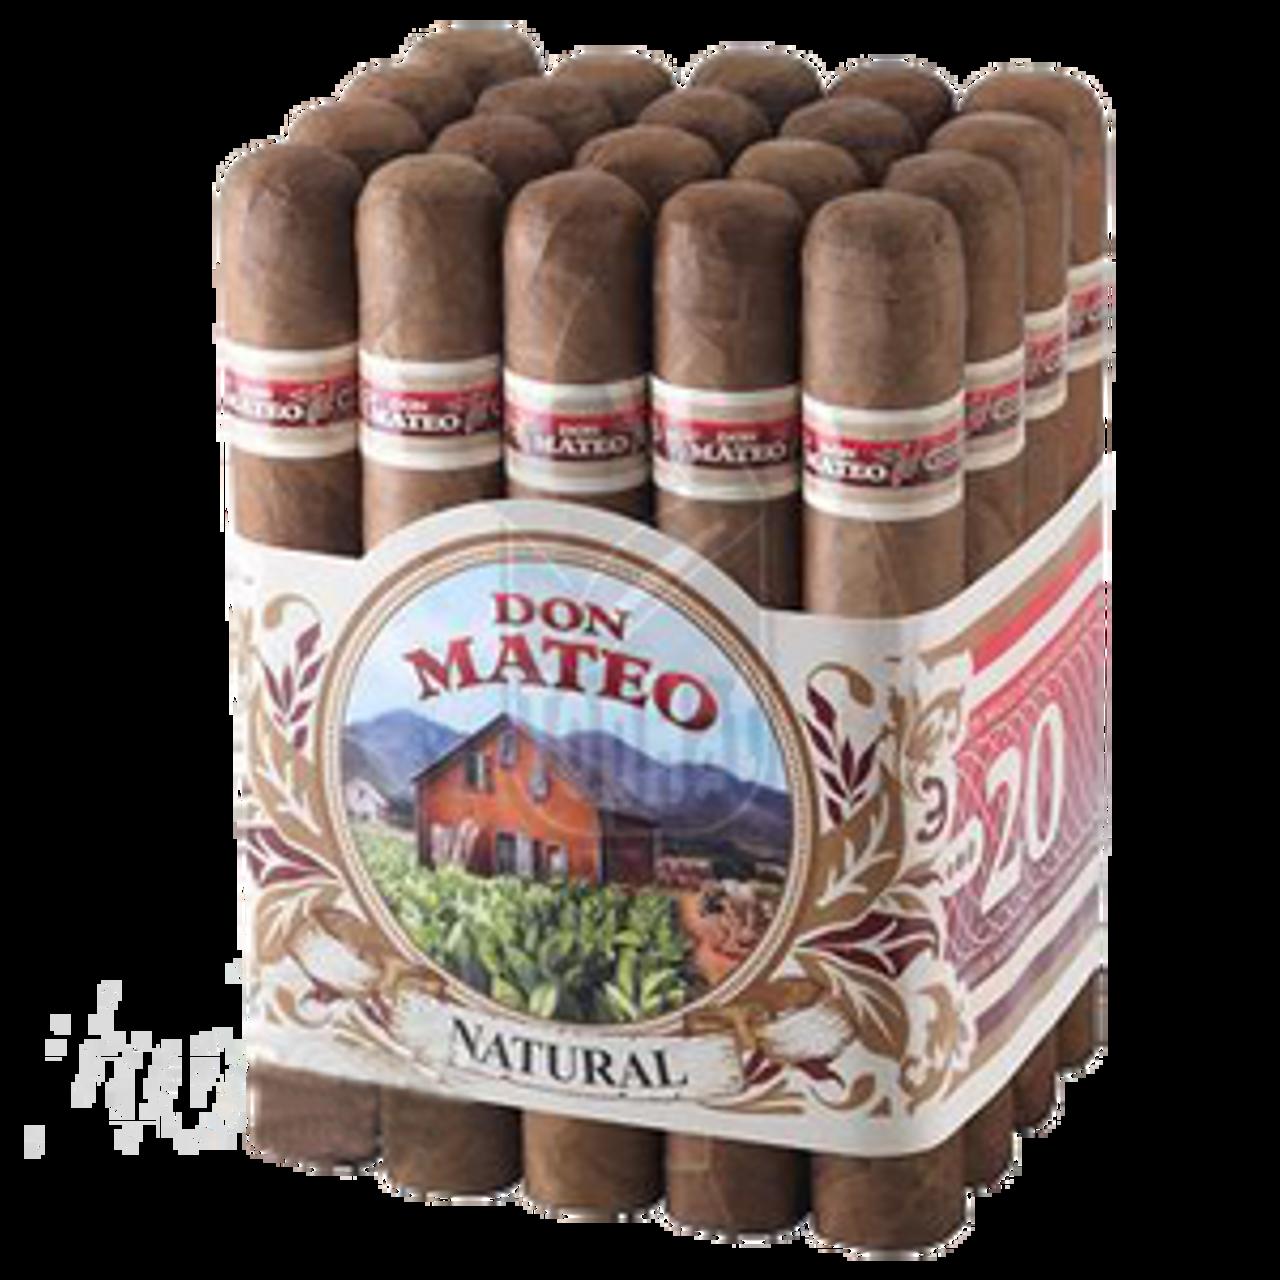 Don Mateo #3 Natural Cigars - 6 x 42 (Bundle of 20)